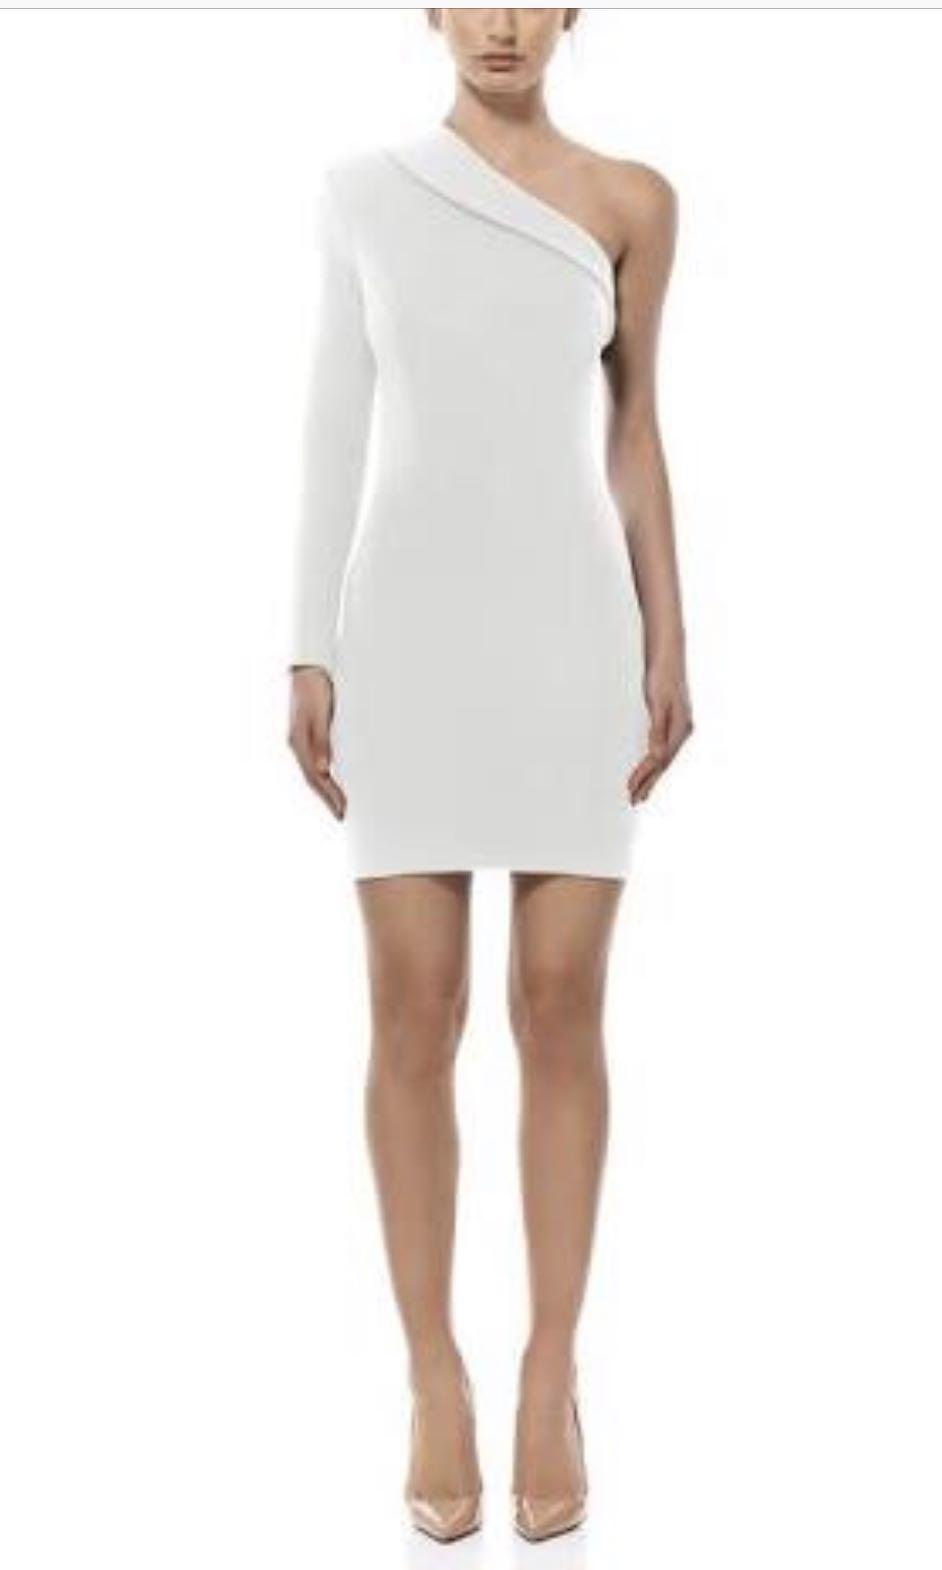 Misha Collection White OFF shoulder dress